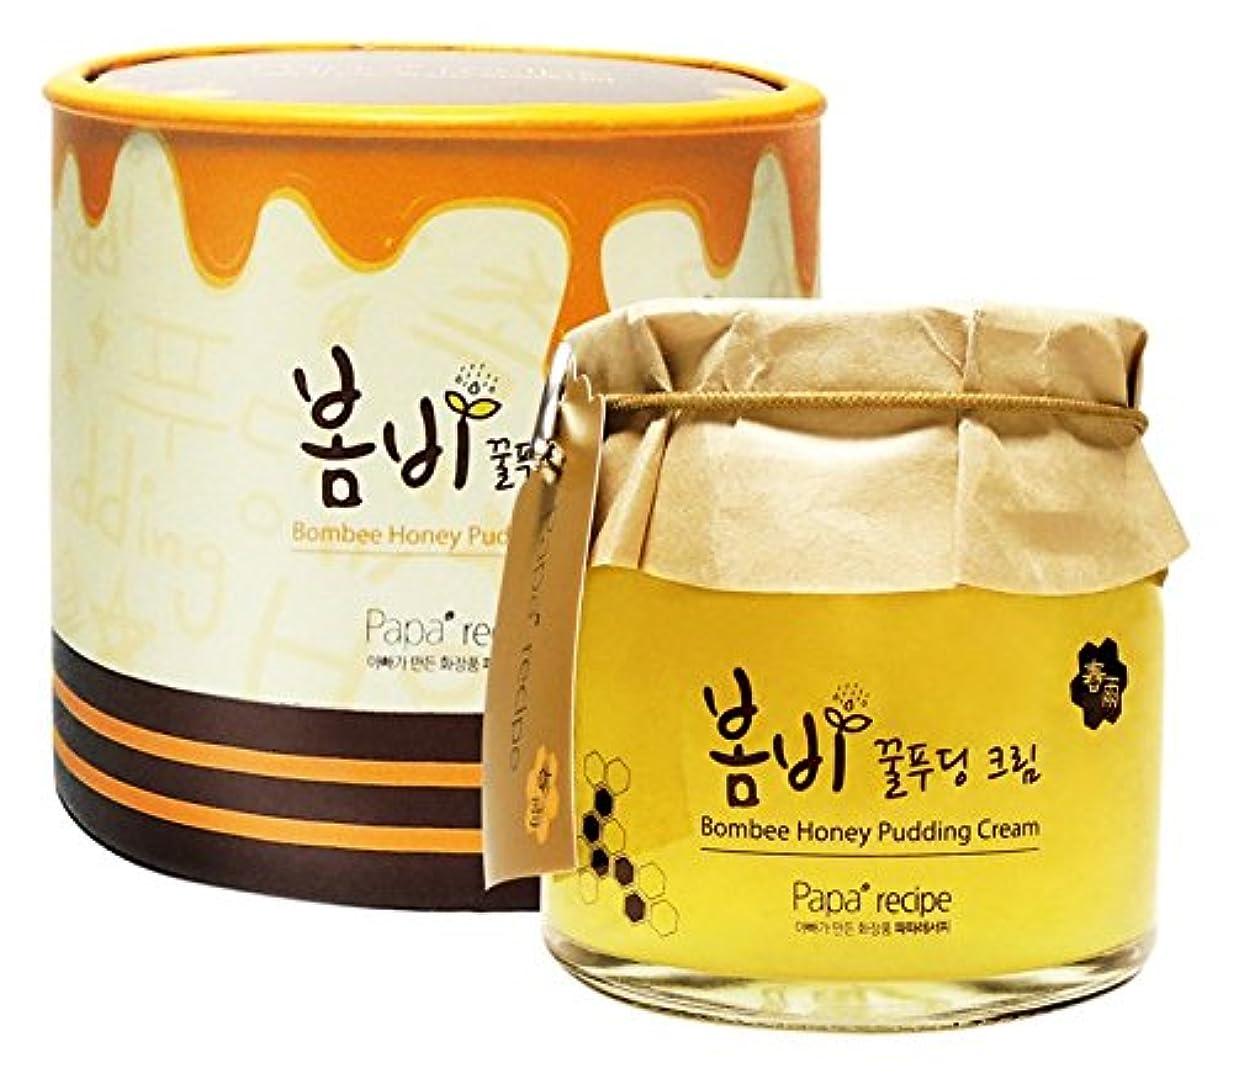 弱い四回掻くPapa recipe Bombee Honey Pudding Cream 135ml/パパレシピ ボムビー ハニー プリン クリーム 135ml